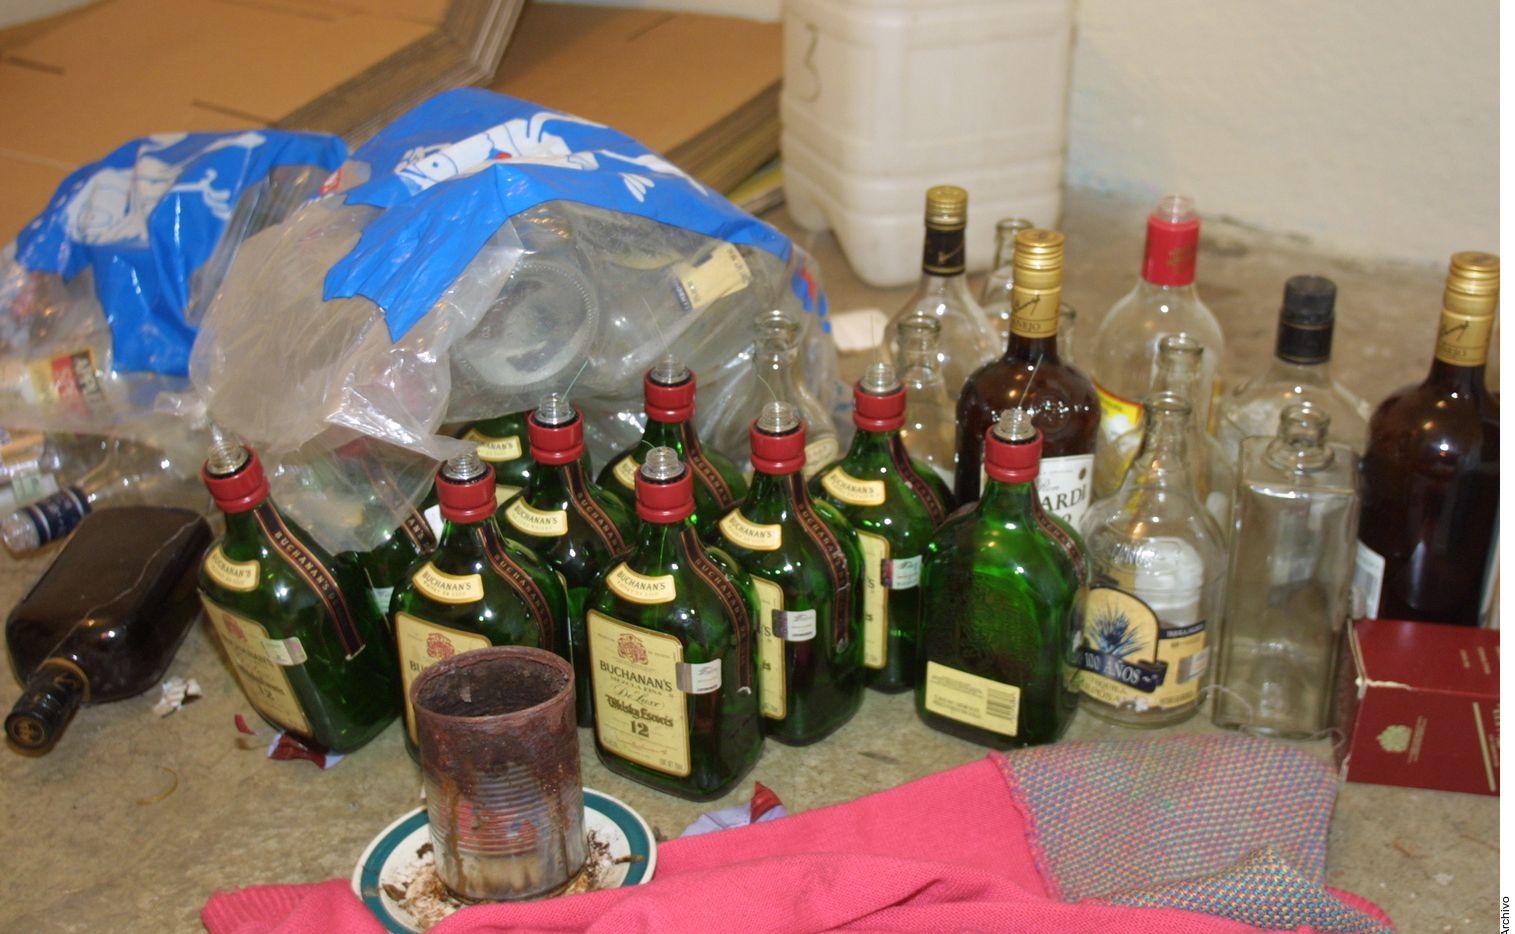 El encierro por la emergencia sanitaria aumentó el consumo de bebidas embriagantes y también las muertes por alcohol adulterado.